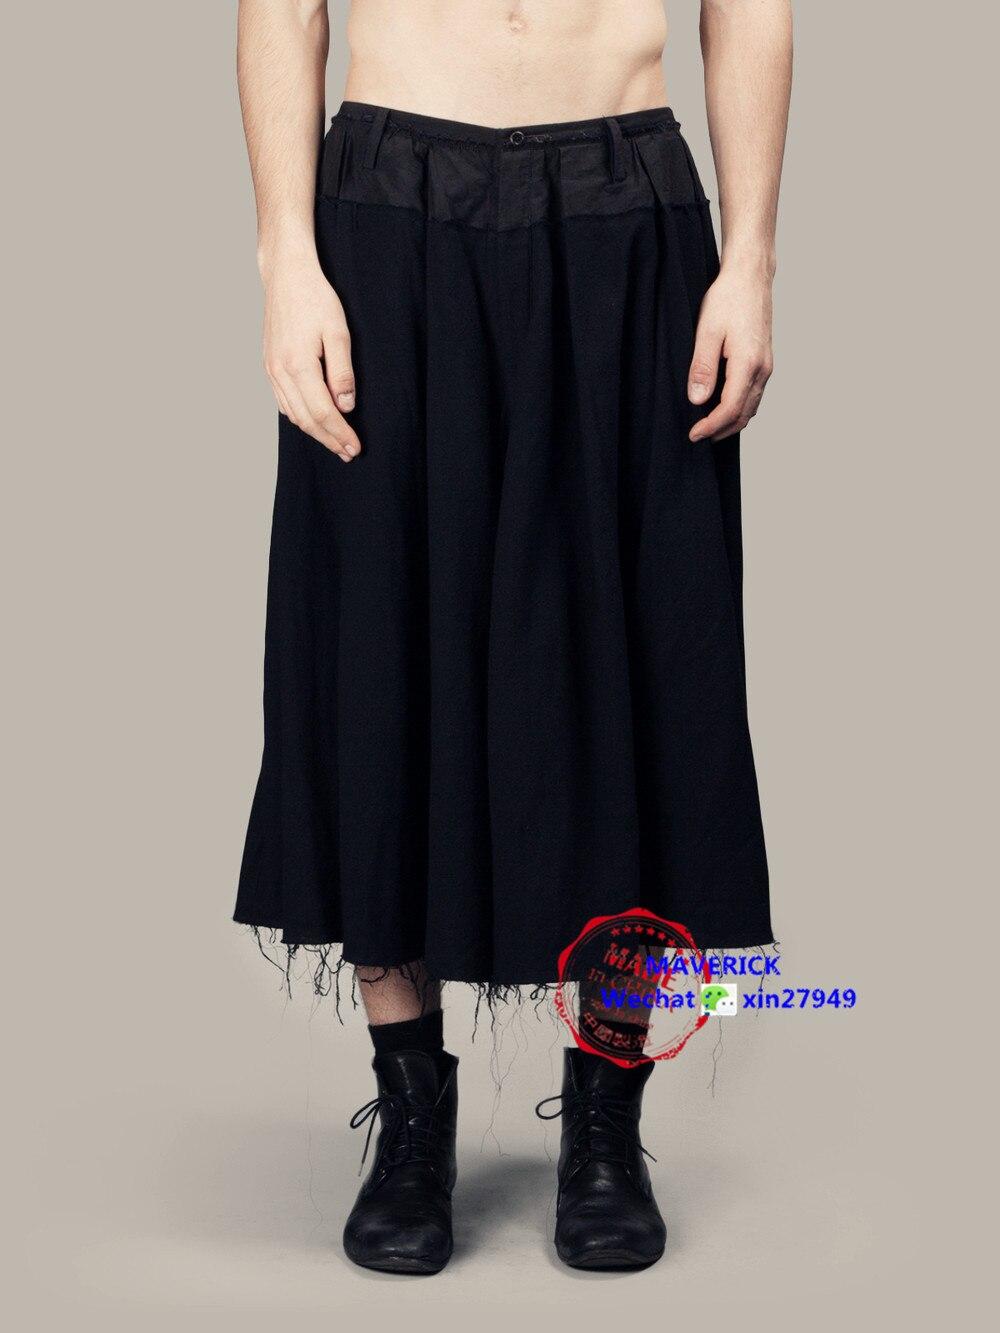 2017 Herrenbekleidung Gd Friseur Mode Persönlichkeit Breite Beinhosen Culottes Vintage Flüssigkeit Rock Plus Size Kostüme 27-44